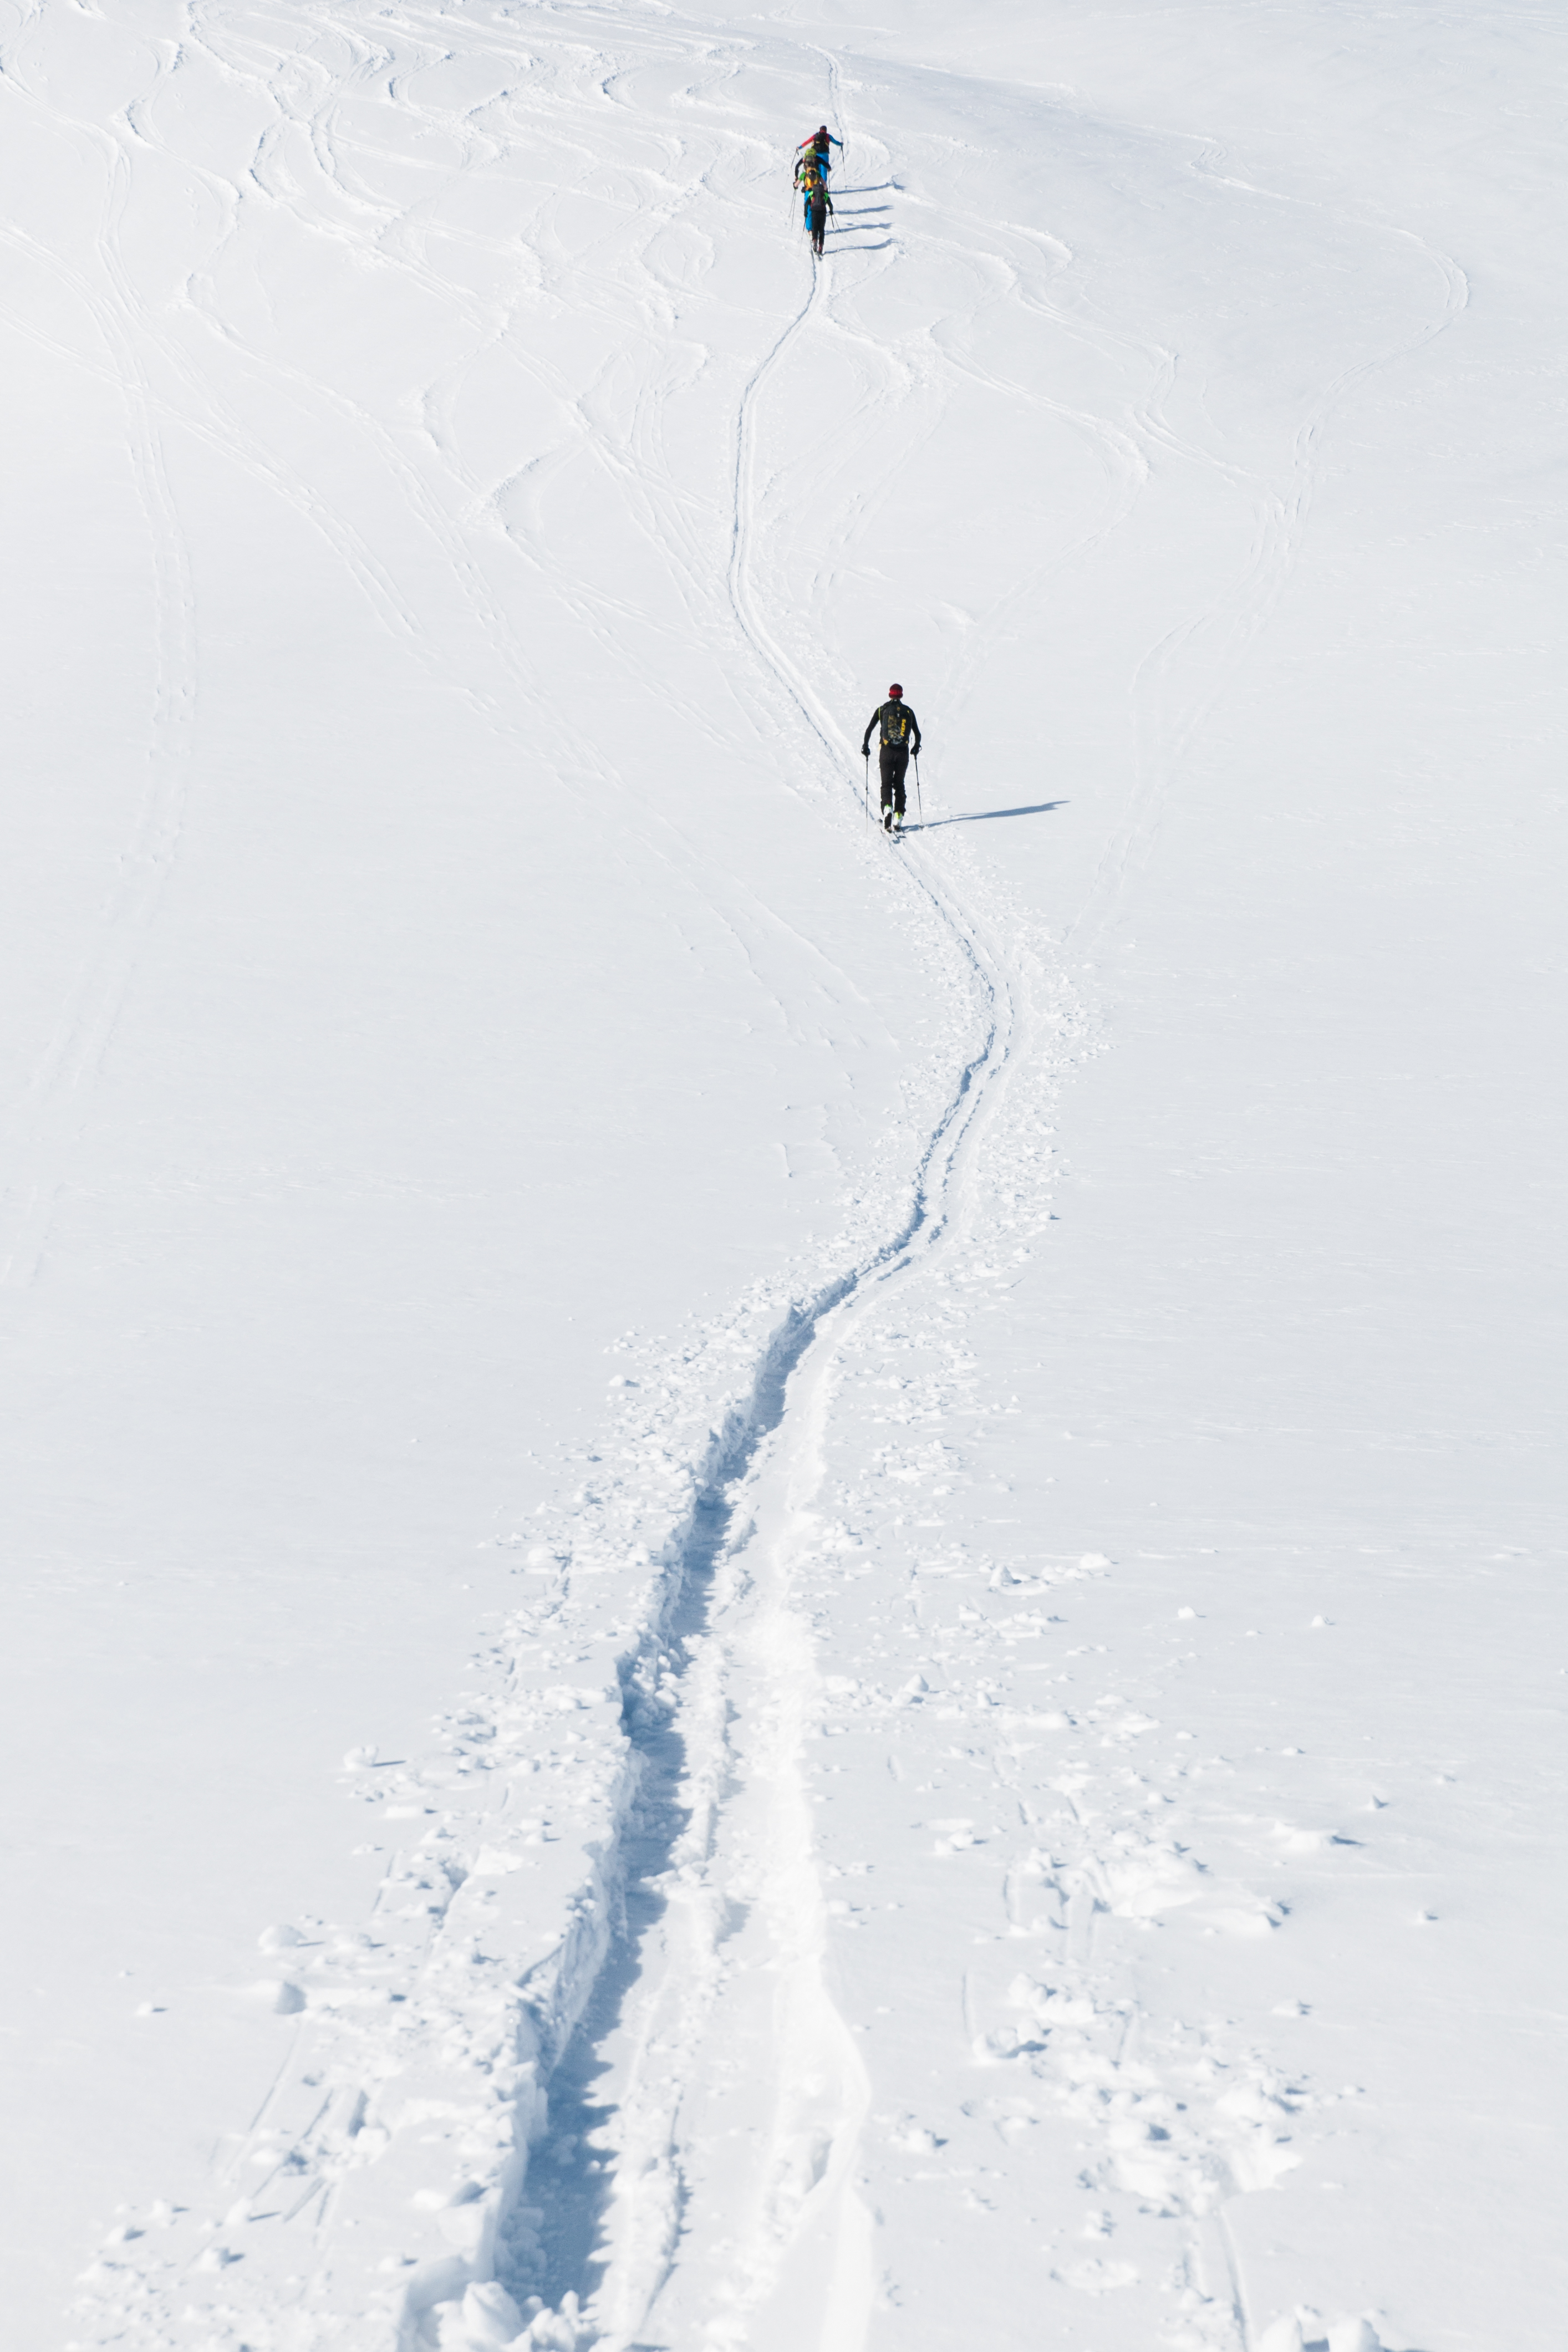 64633 скачать обои Спорт, Лыжники, Гора, Снег, Тропинка - заставки и картинки бесплатно